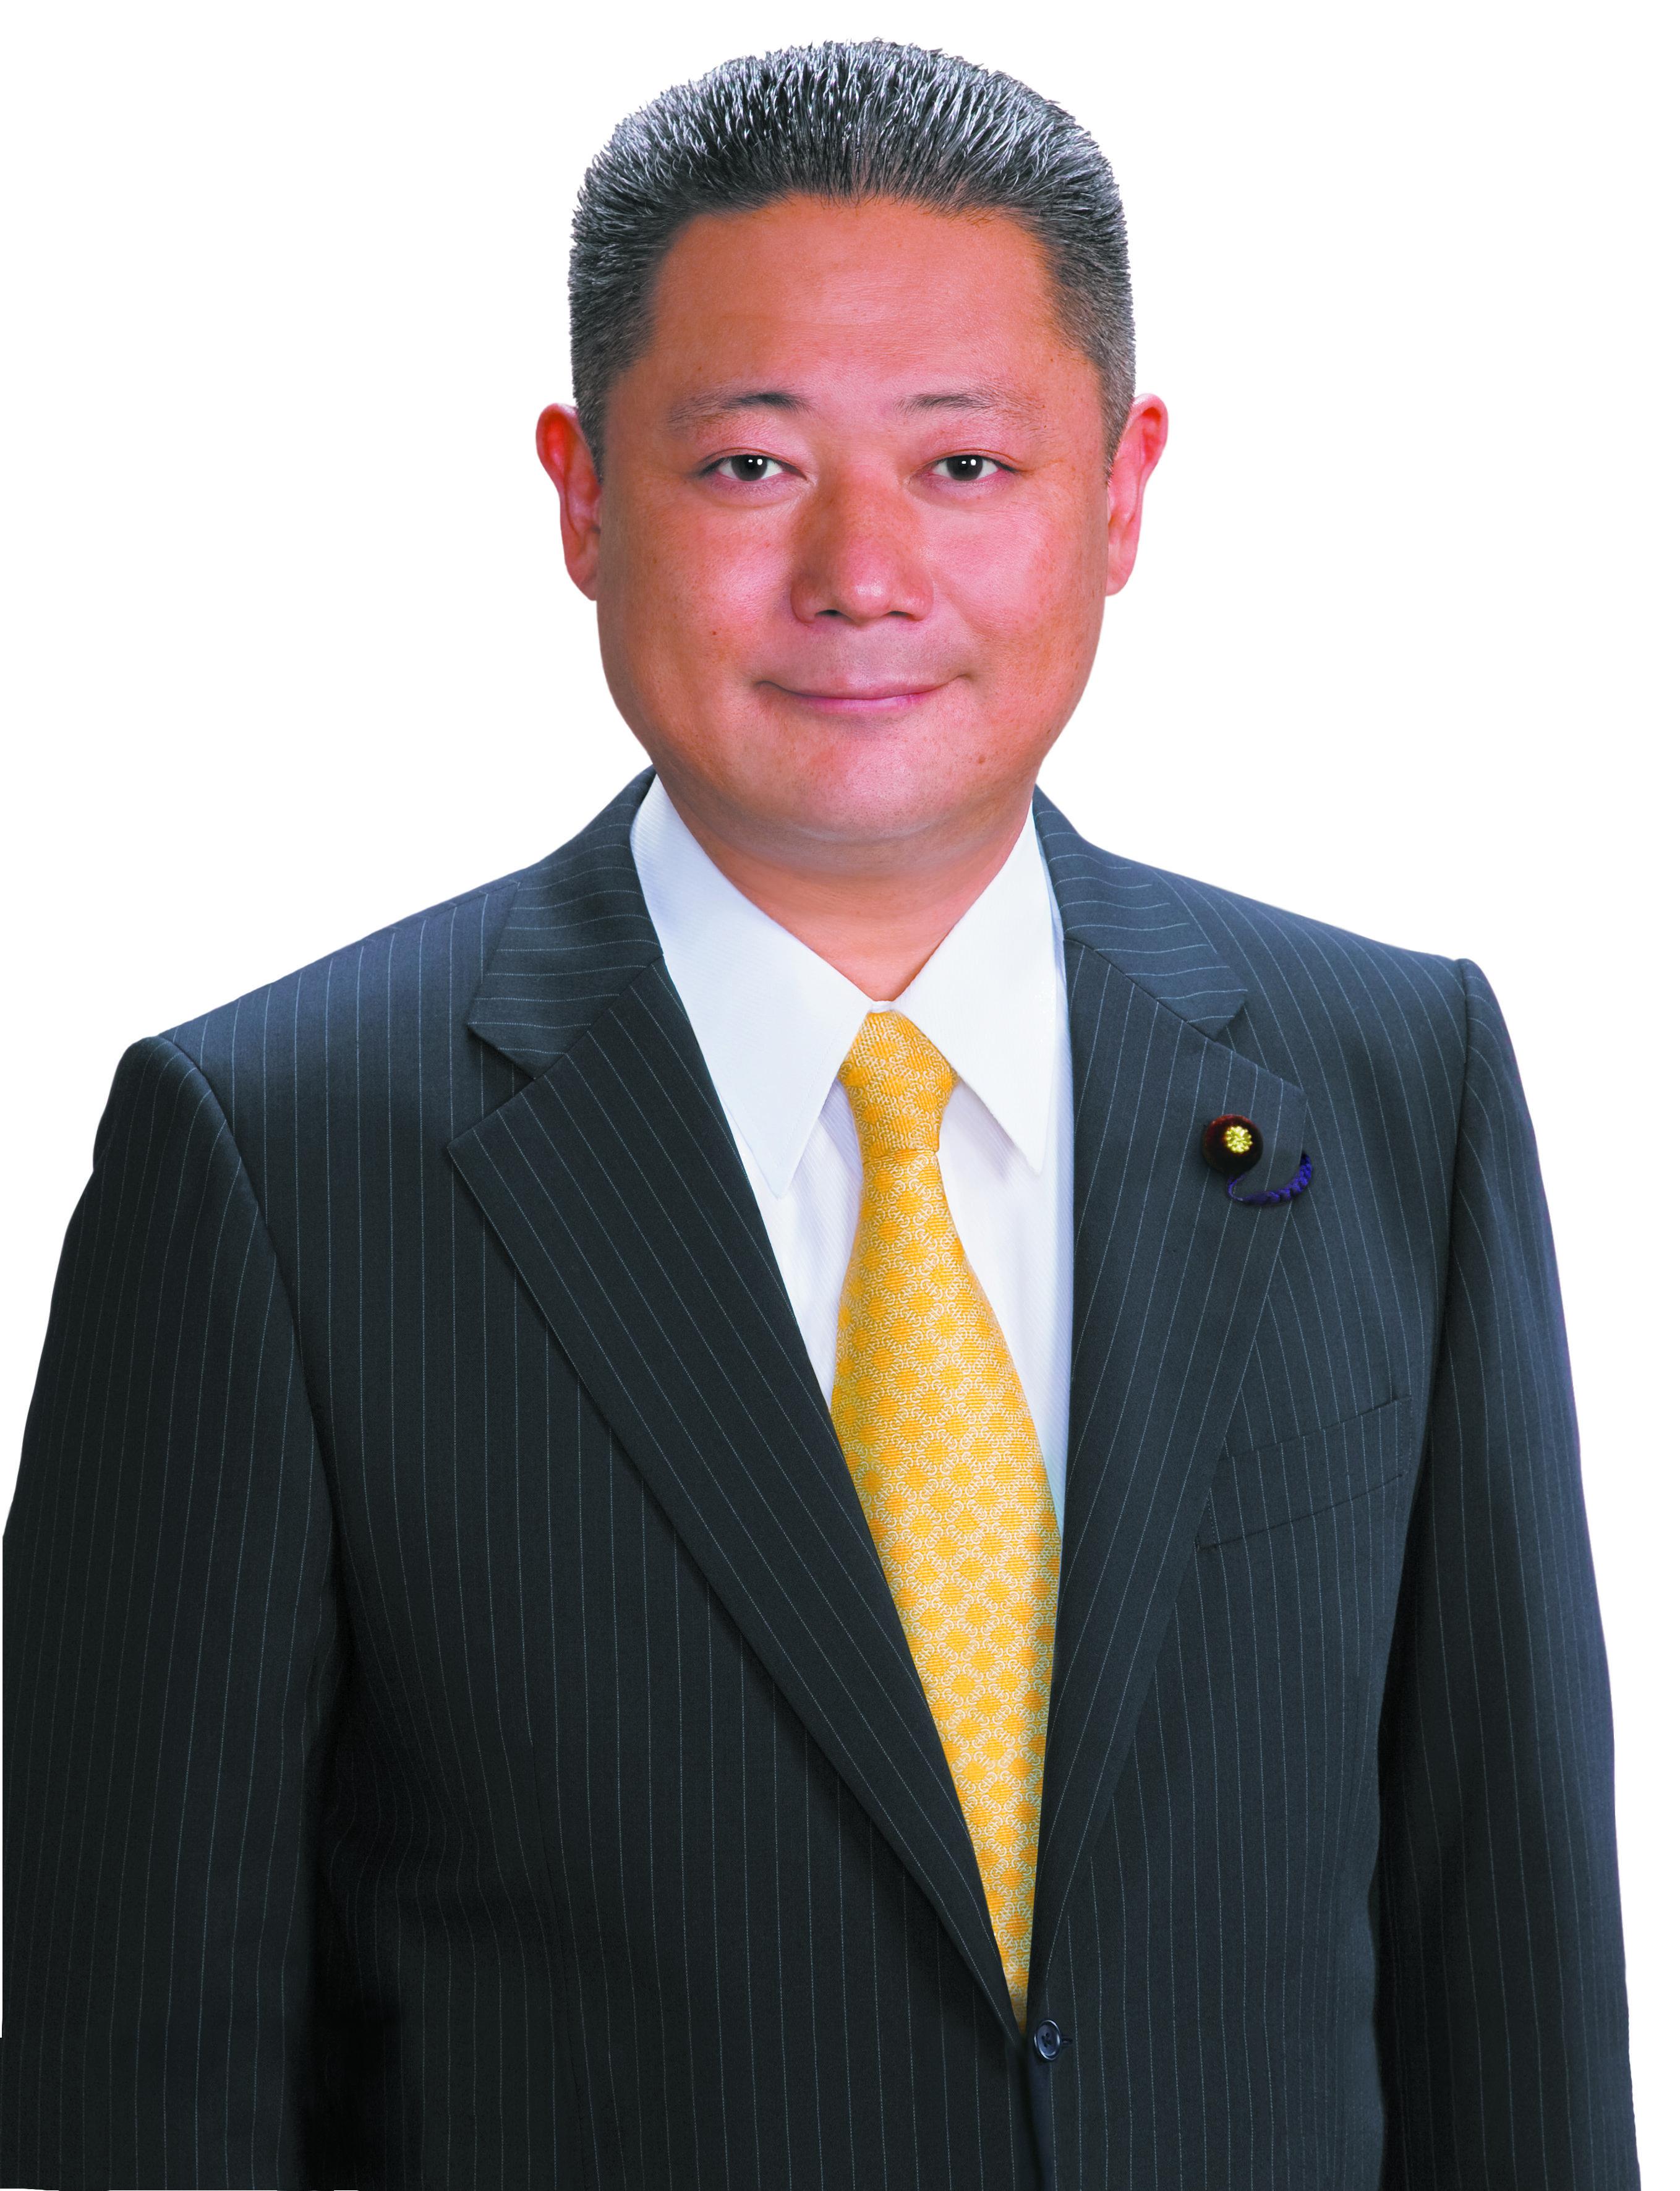 BSフジ「ライブプライムニュース」馬場伸幸幹事長 出演のお知らせ